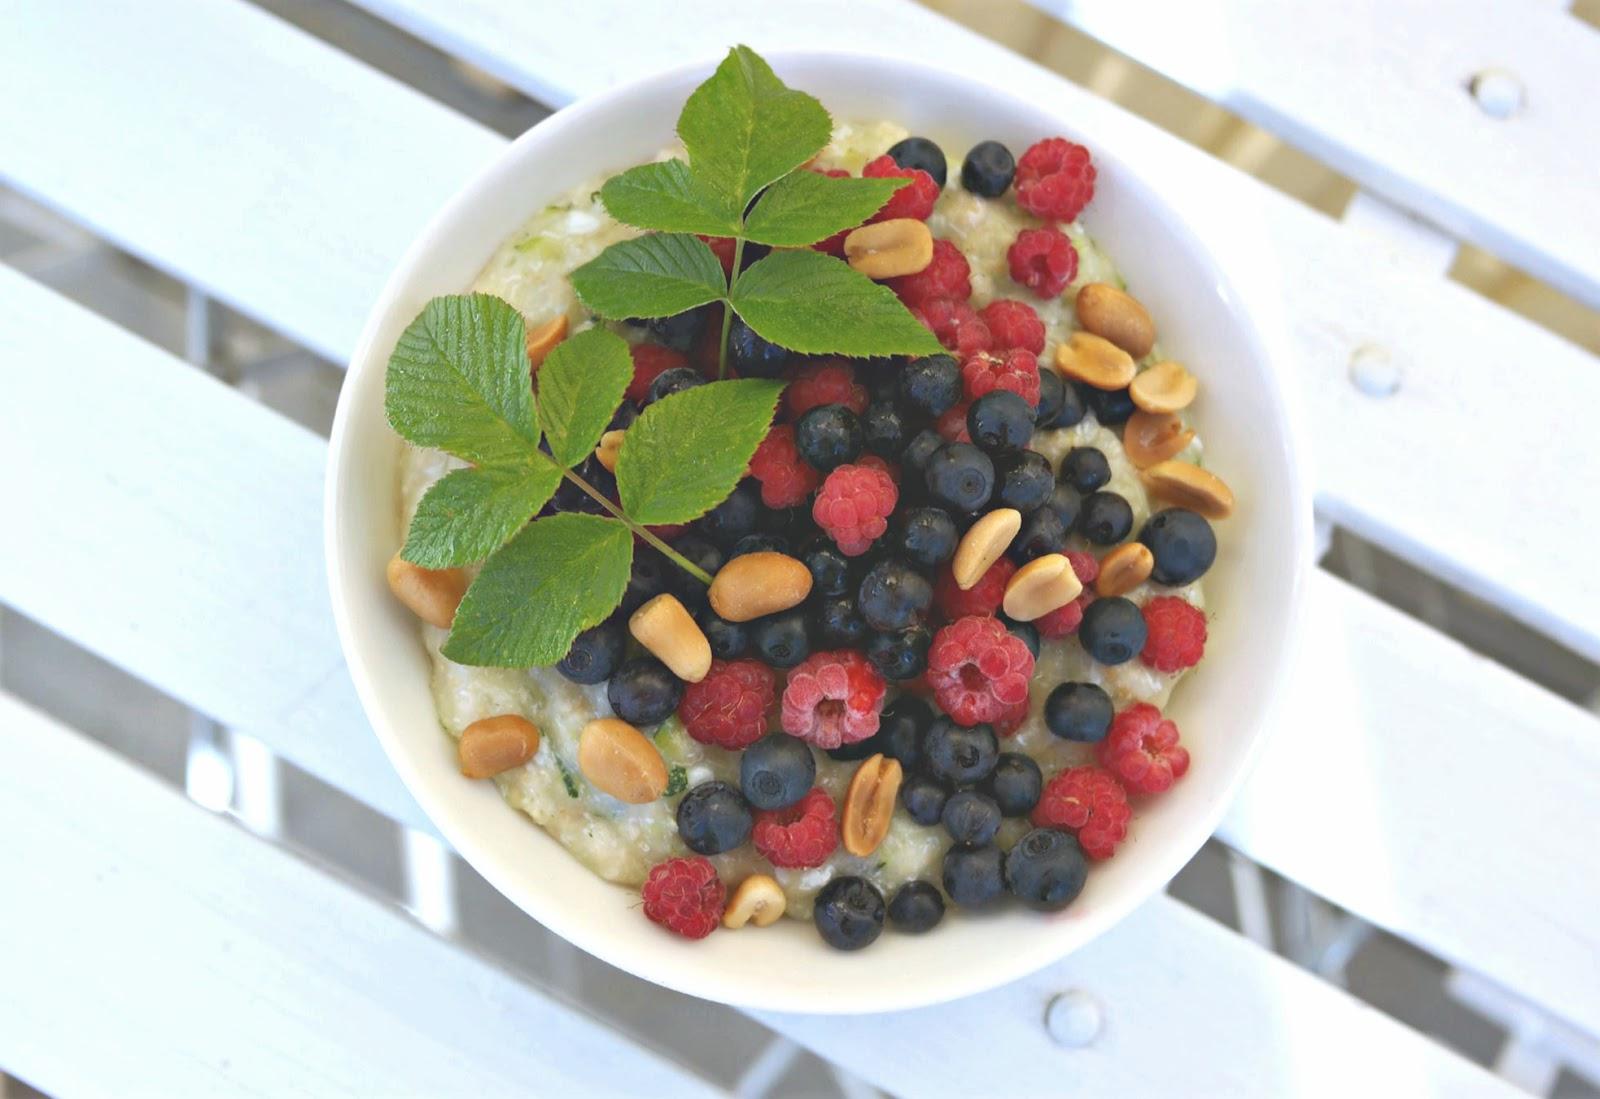 Kesäkurpitsapuuron voi maustaa ja koristella marjoilla ja pähkinöillä.